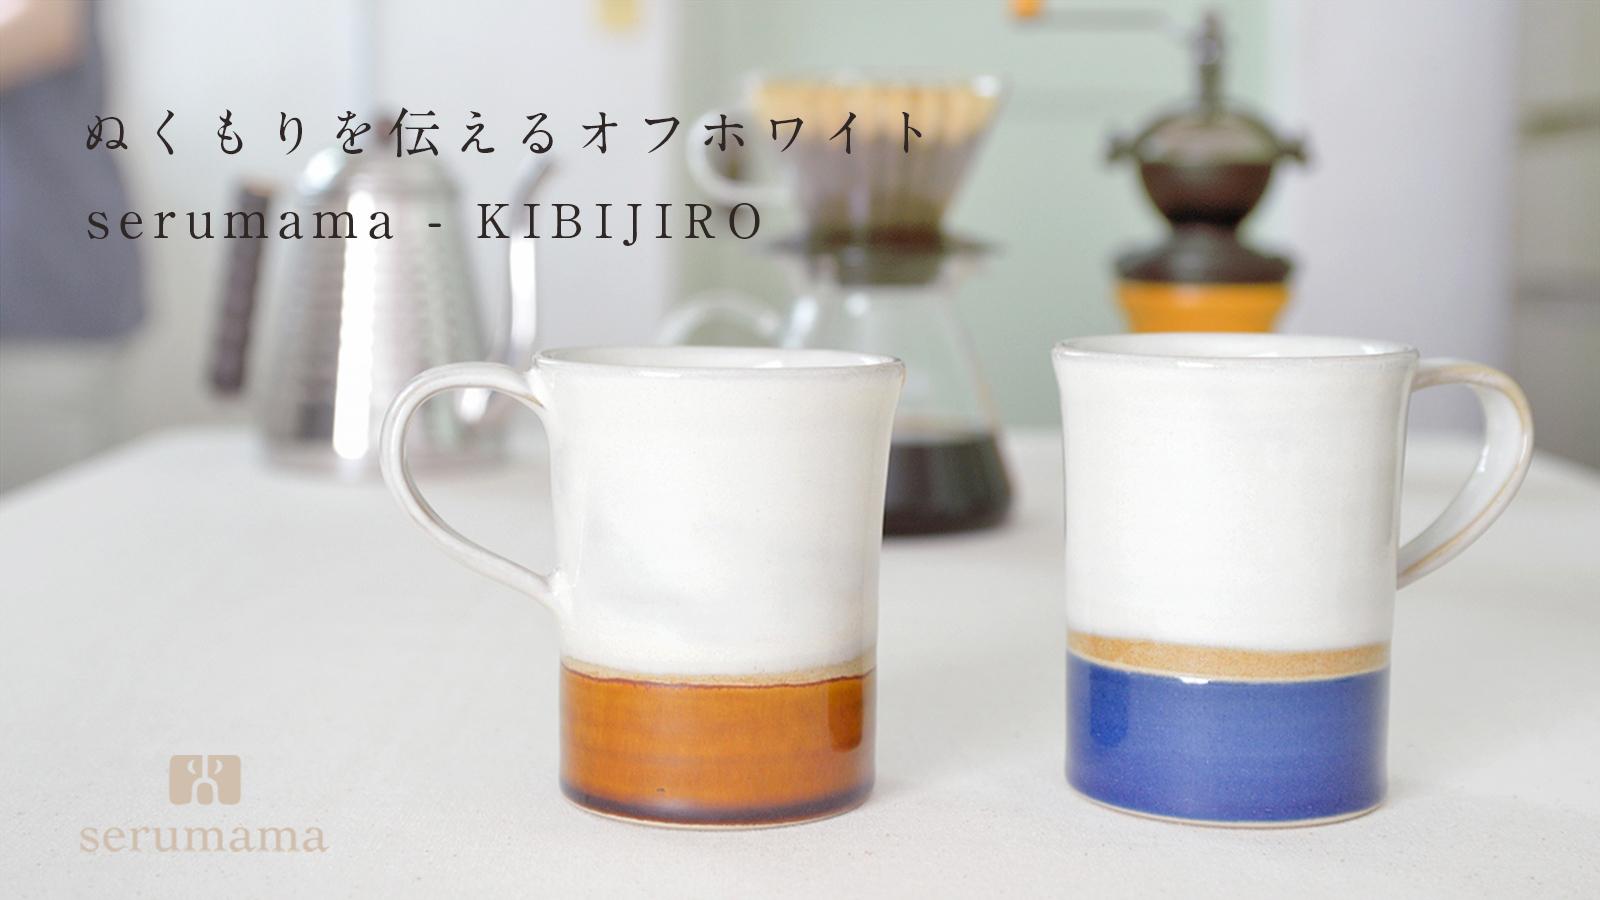 ぬくもりを伝えるオフホワイト serumama-KIBIJIRO